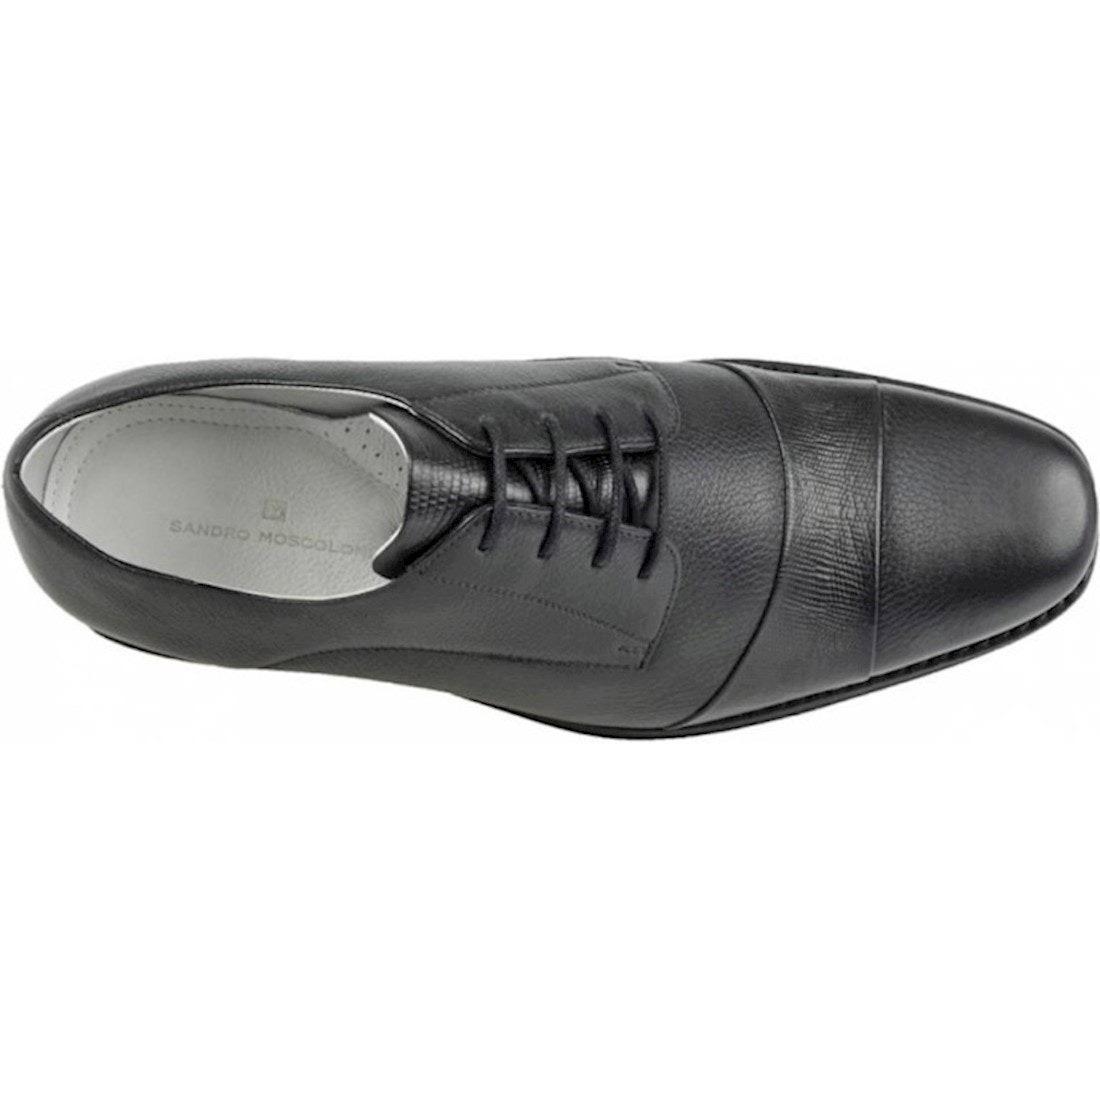 59897f4994 sapato social masculino derby sandro moscoloni newbury preto. Carregando  zoom.